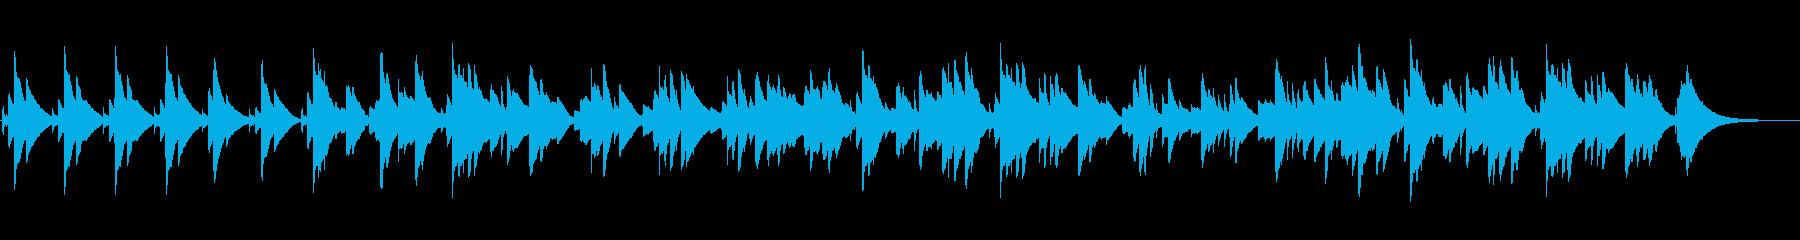 眠くなるオルゴールのBGM(2分30秒)の再生済みの波形